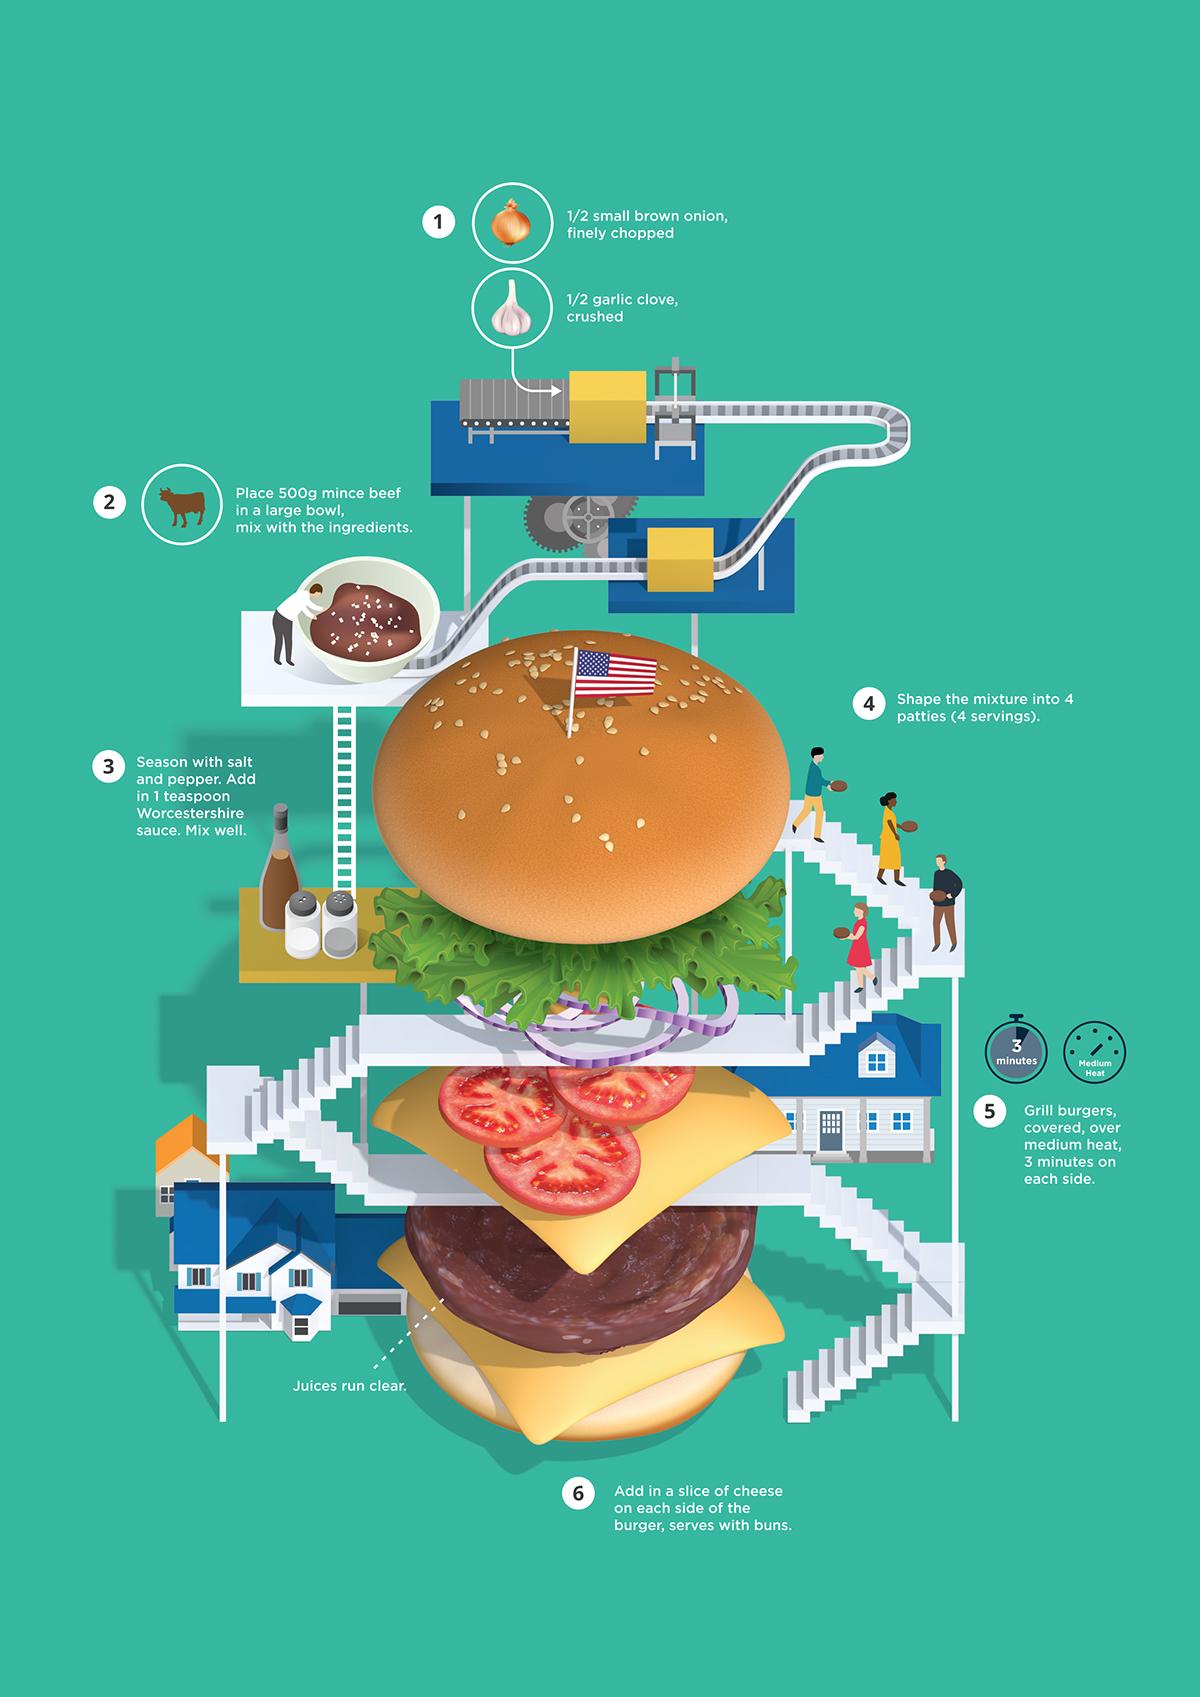 preparacion_comidas_ilustradas_minimalistas_1